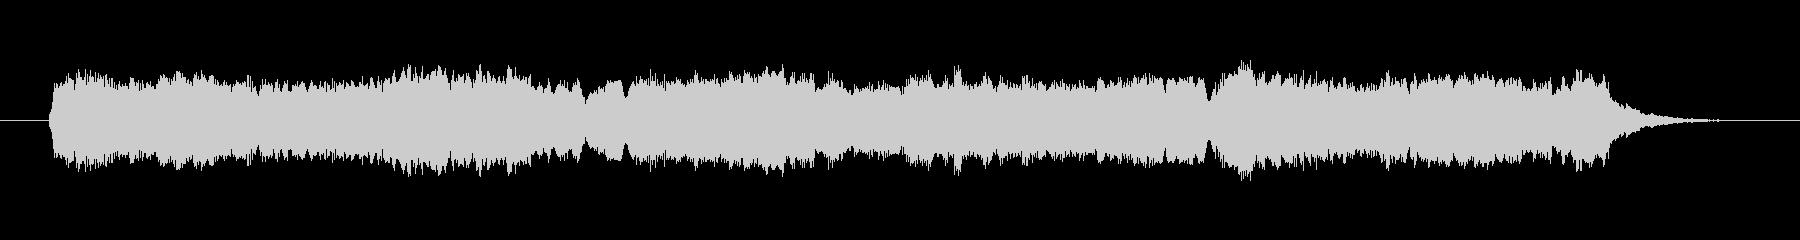 木管楽器を使ったほのぼのした曲です。の未再生の波形